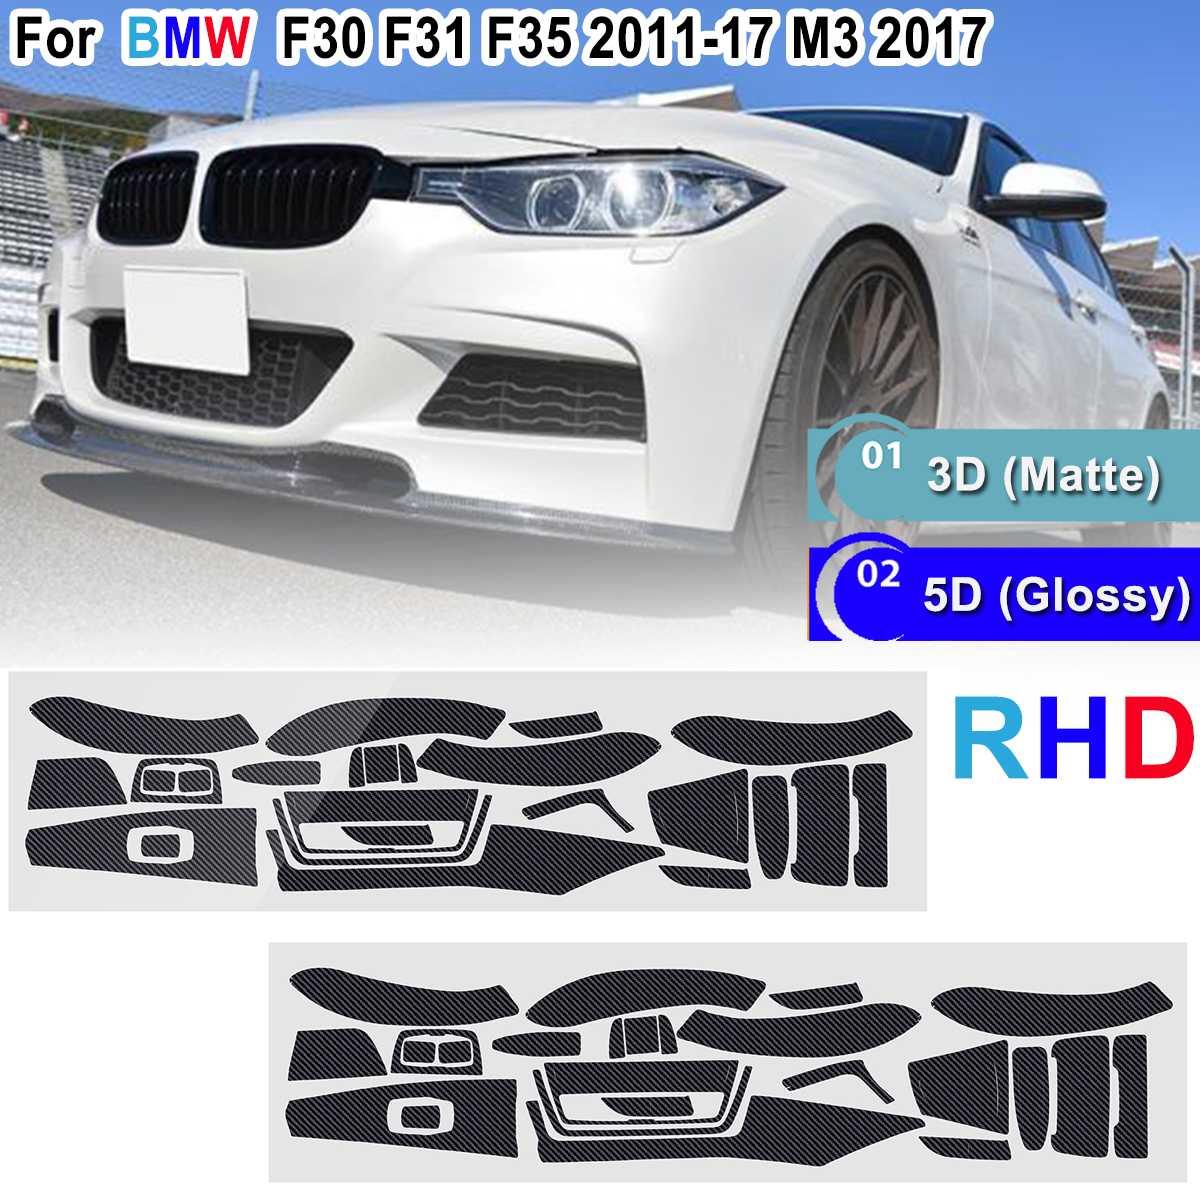 23 piezas mate/brillante de la etiqueta engomada para BMW Serie 3 F30 F31 F35 2011-2017 M3 2017 RHD reflectante calcomanía Interior de fibra de carbono